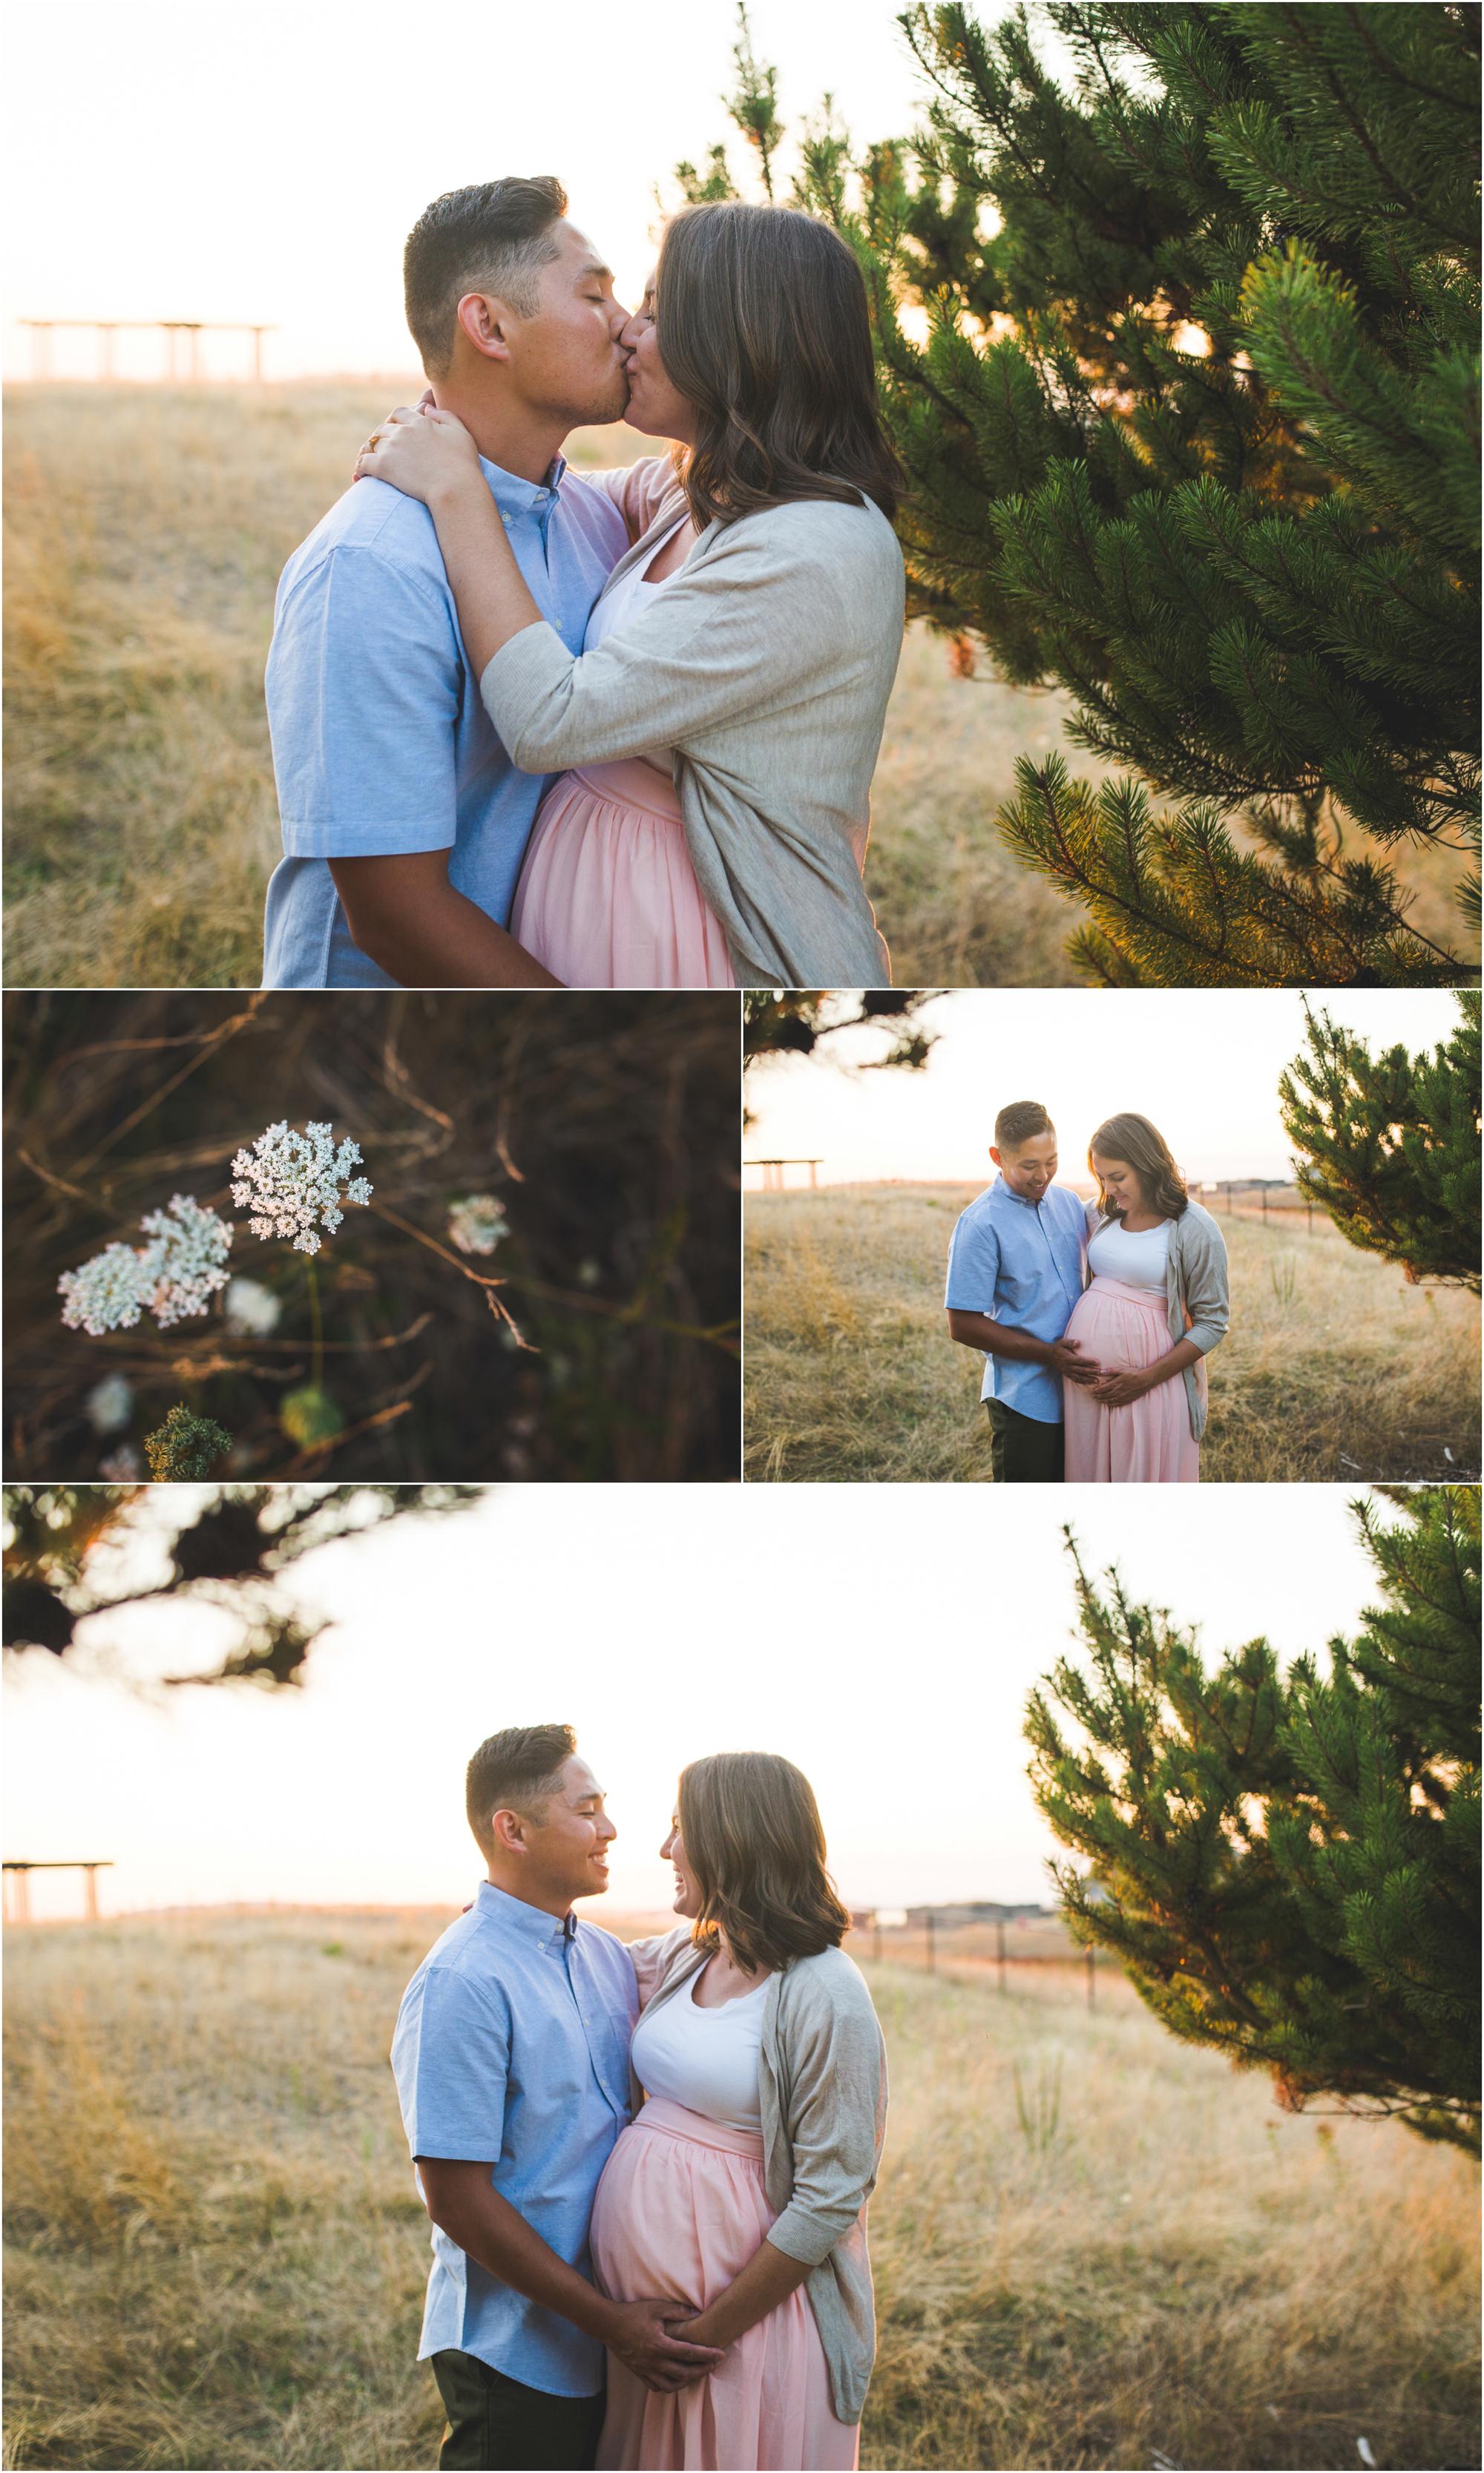 ashley vos photography seattle tacoma area maternity photographer_0737.jpg